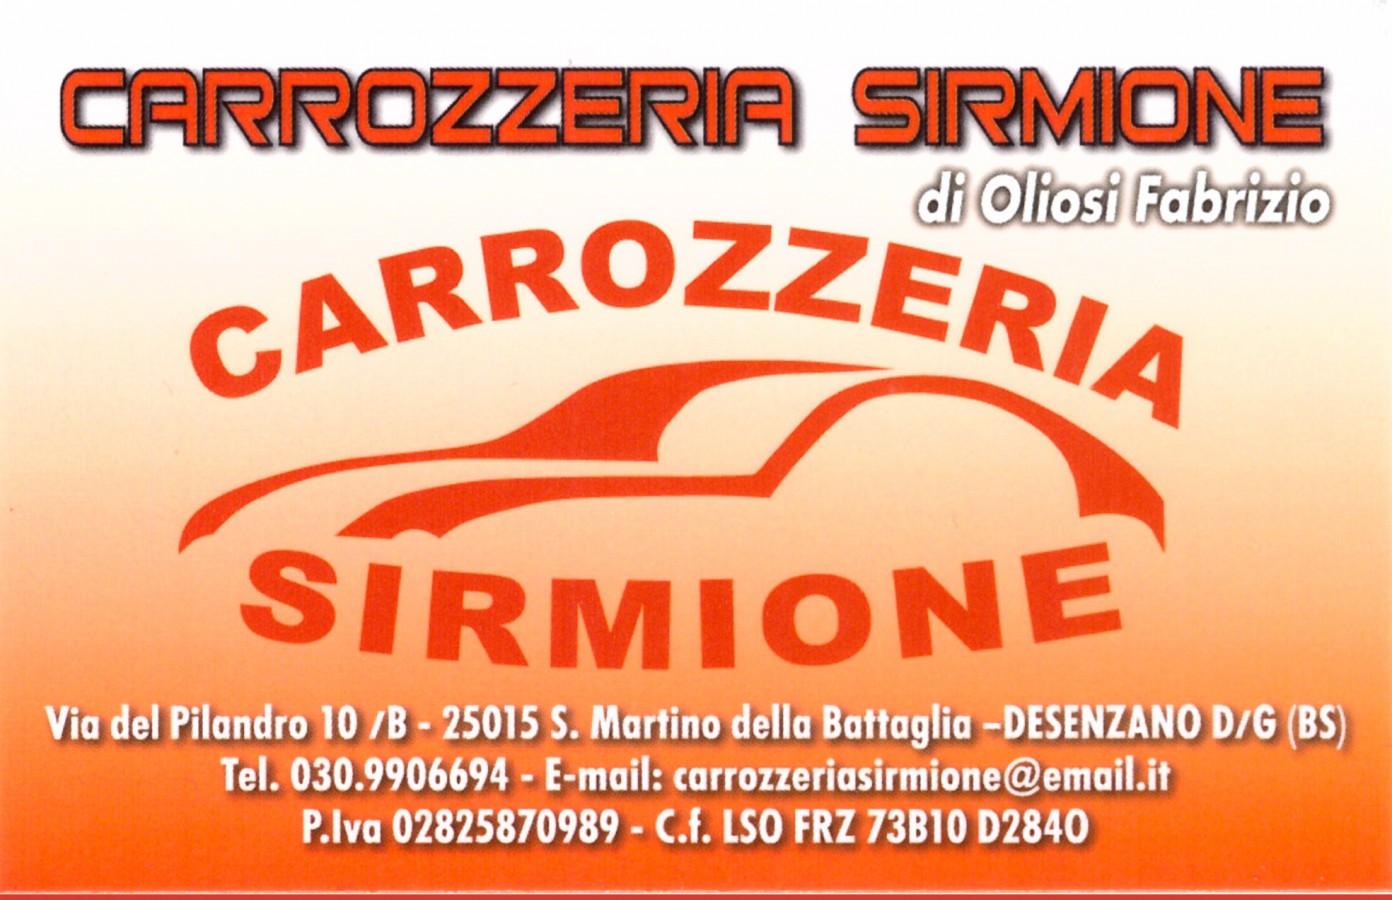 Carrozzeria Sirmione